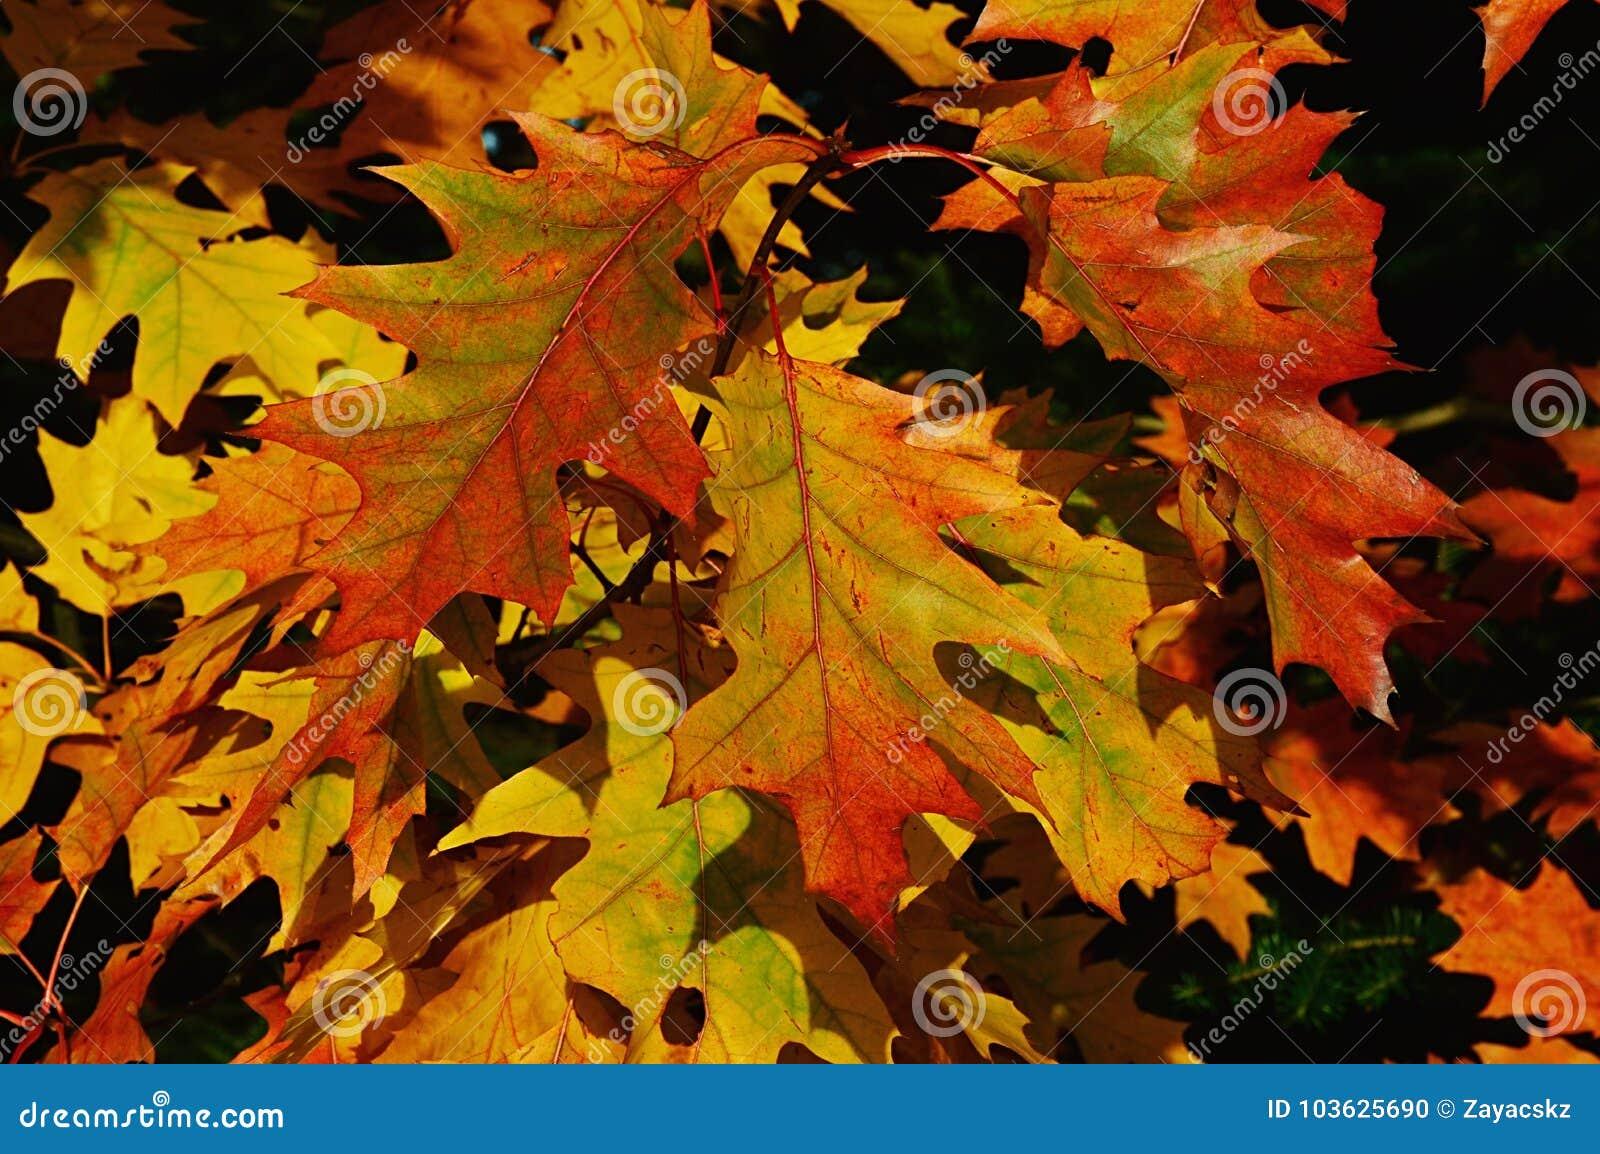 De de herfstbladeren van noordelijke rode eiken boom, riepen ook kampioen eiken, Latijnse naamquercus Rubra, die palet van kleure